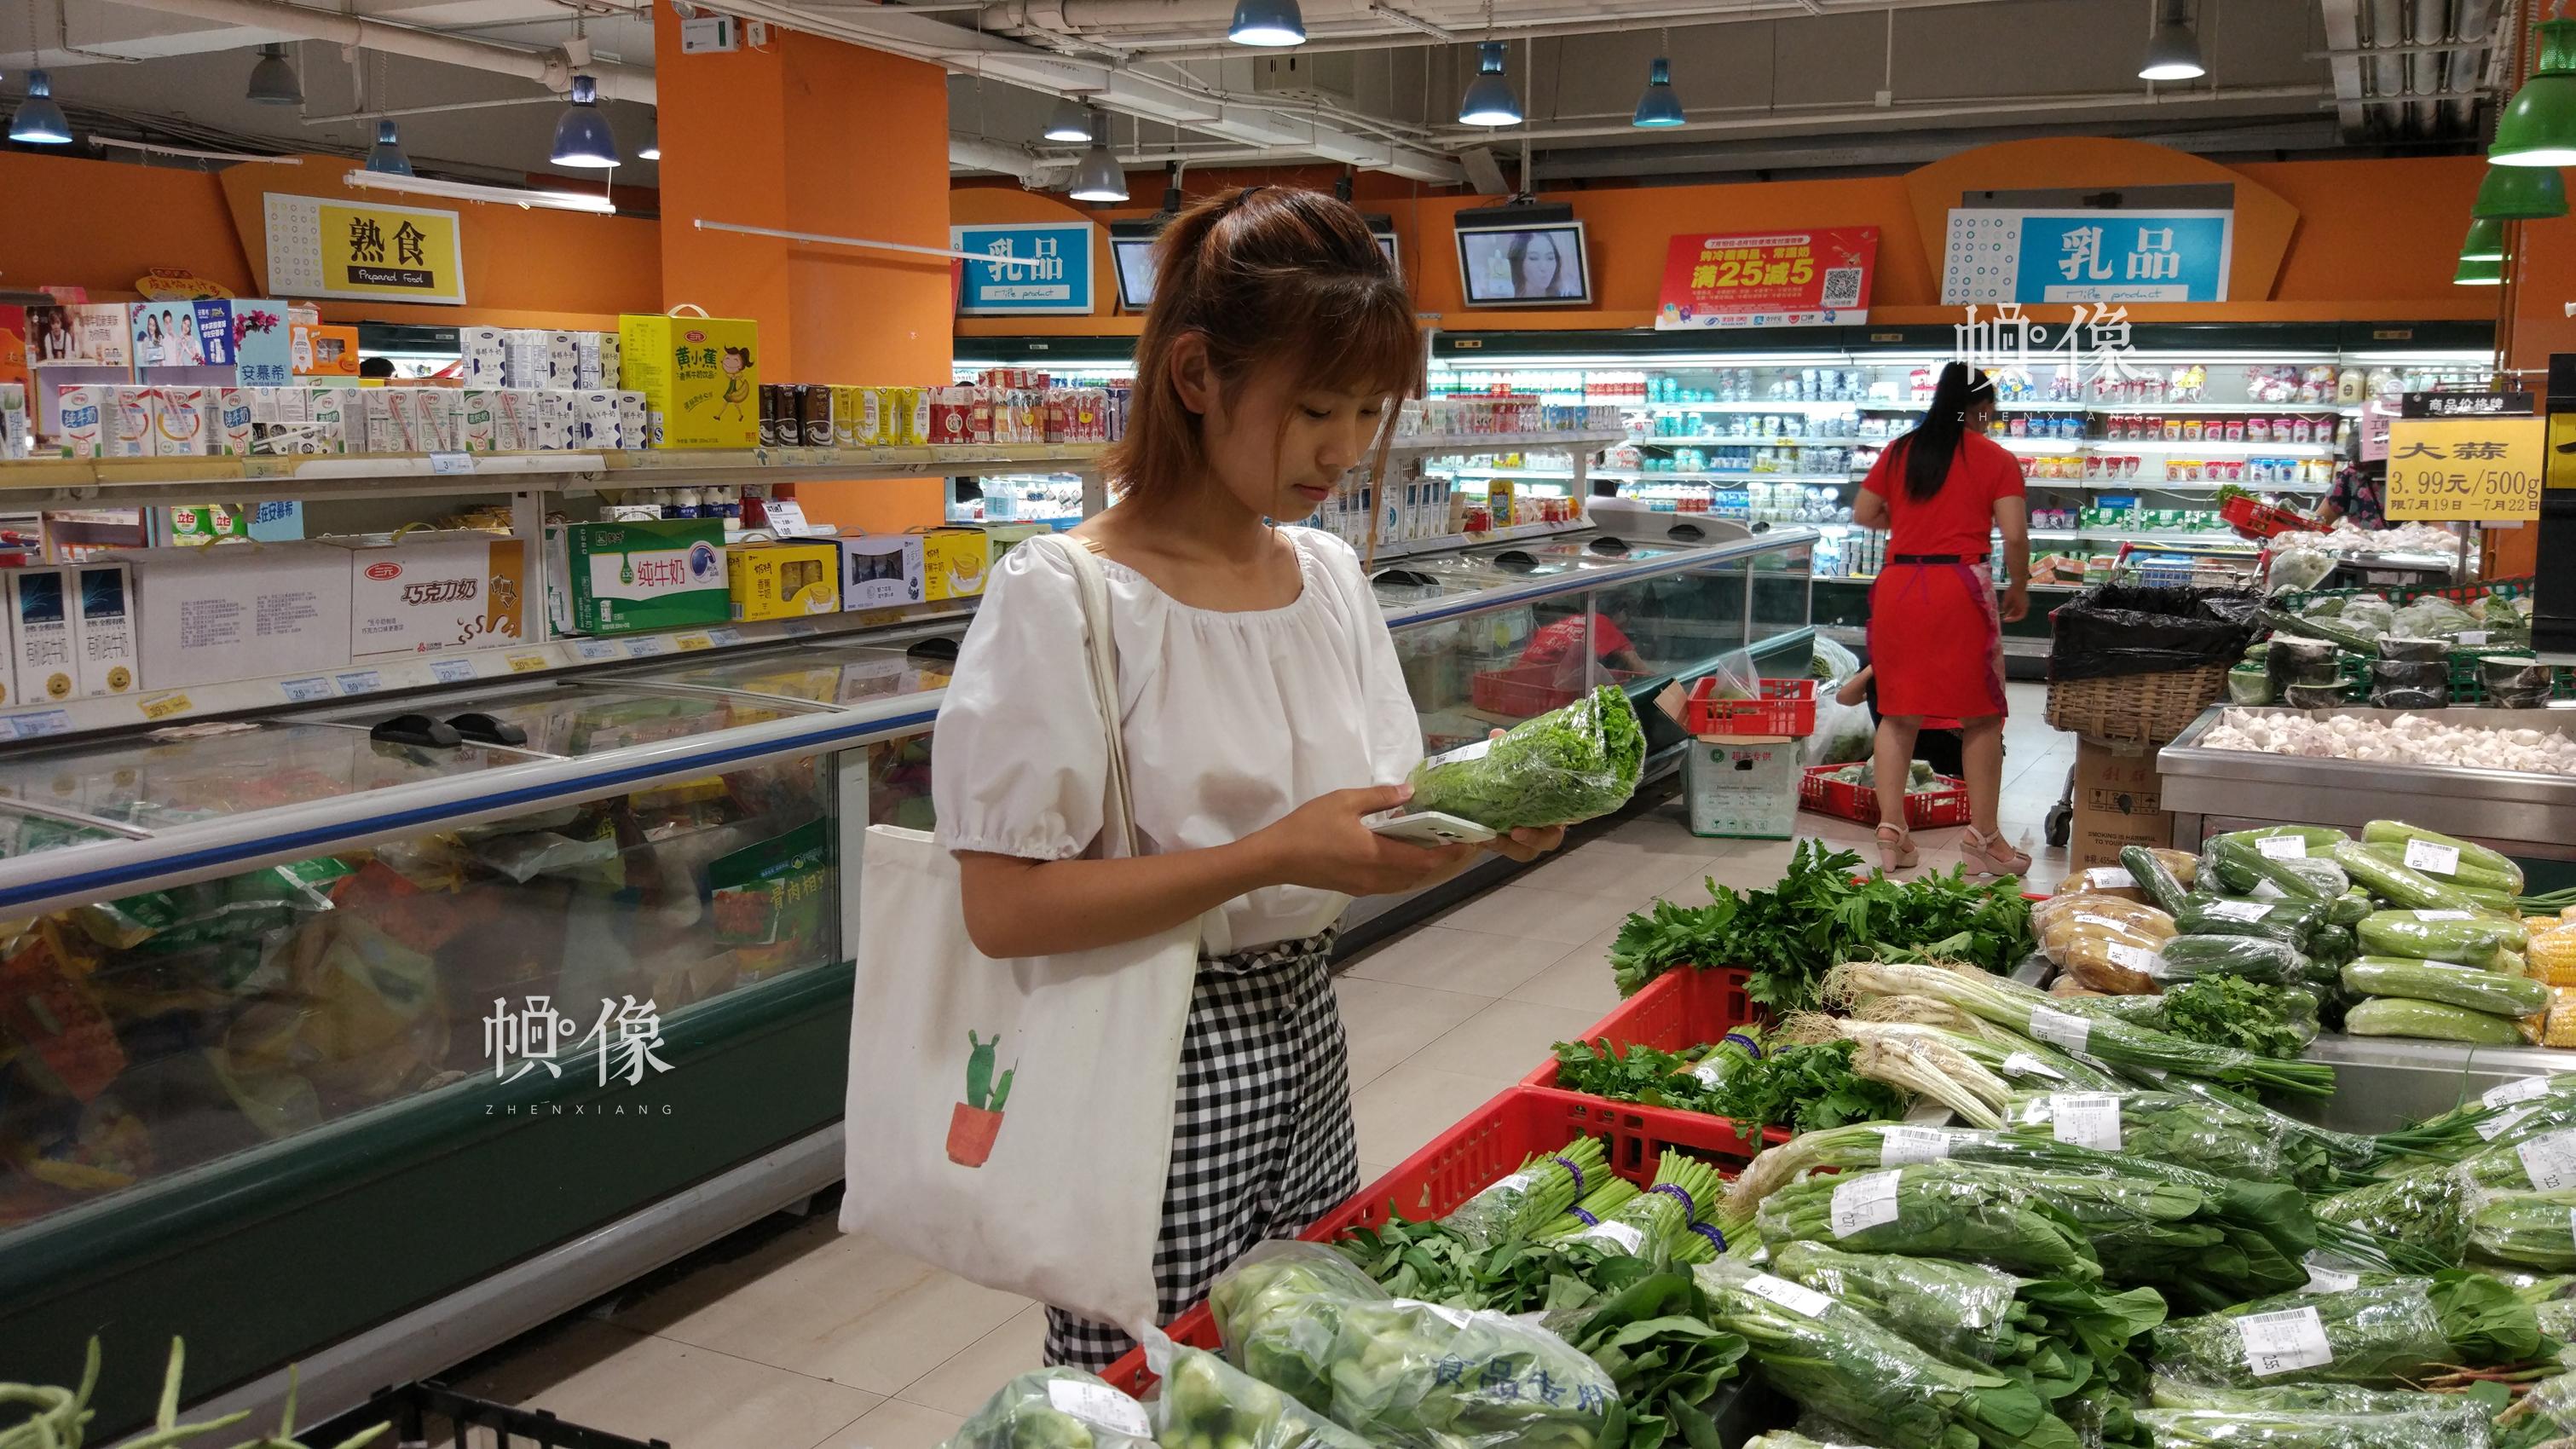 2017年7月19日,消费者在北京某超市售菜专柜前选菜。中国网记者 赵超 摄